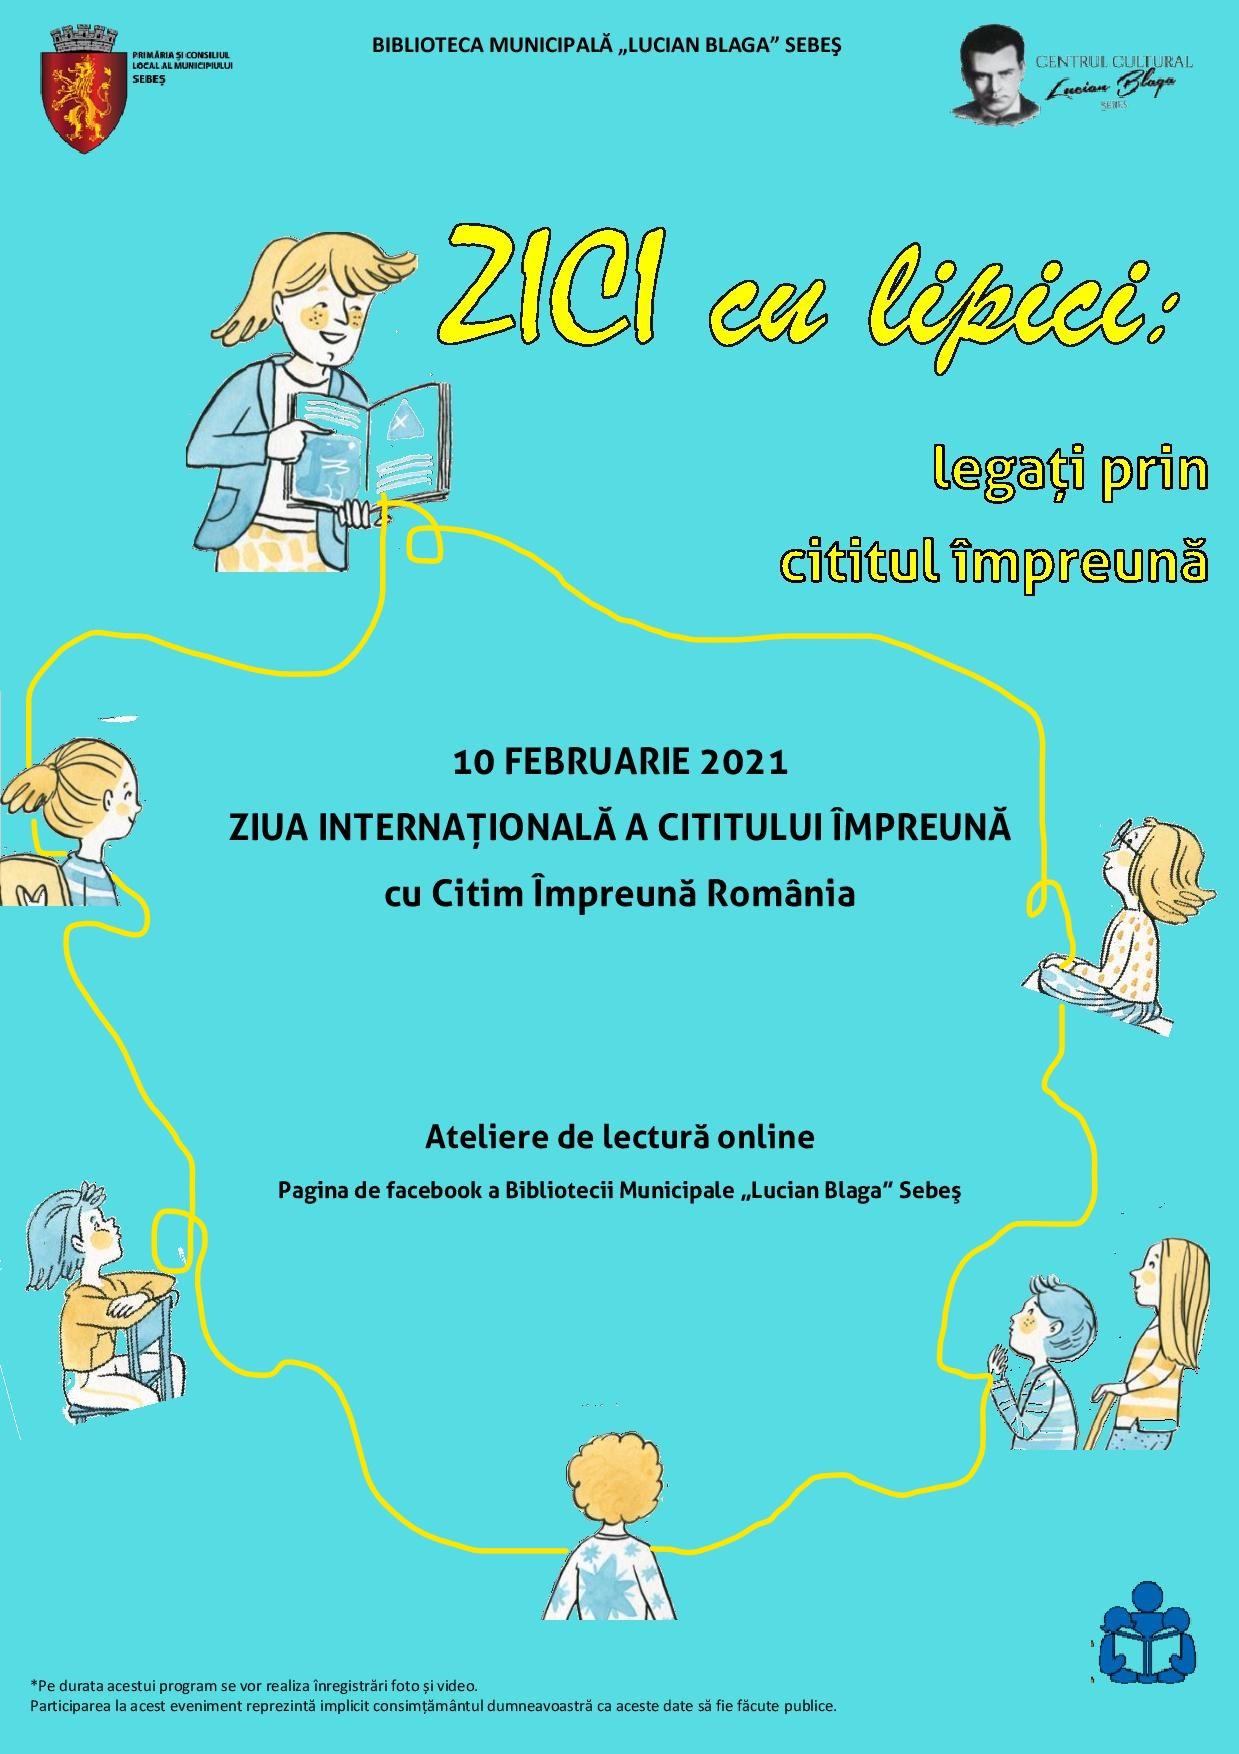 """ZICI 2021: În 10 februarie, la Sebeș, Biblioteca Municipală """"Lucian Blaga"""" ne invită să citim împreună!"""